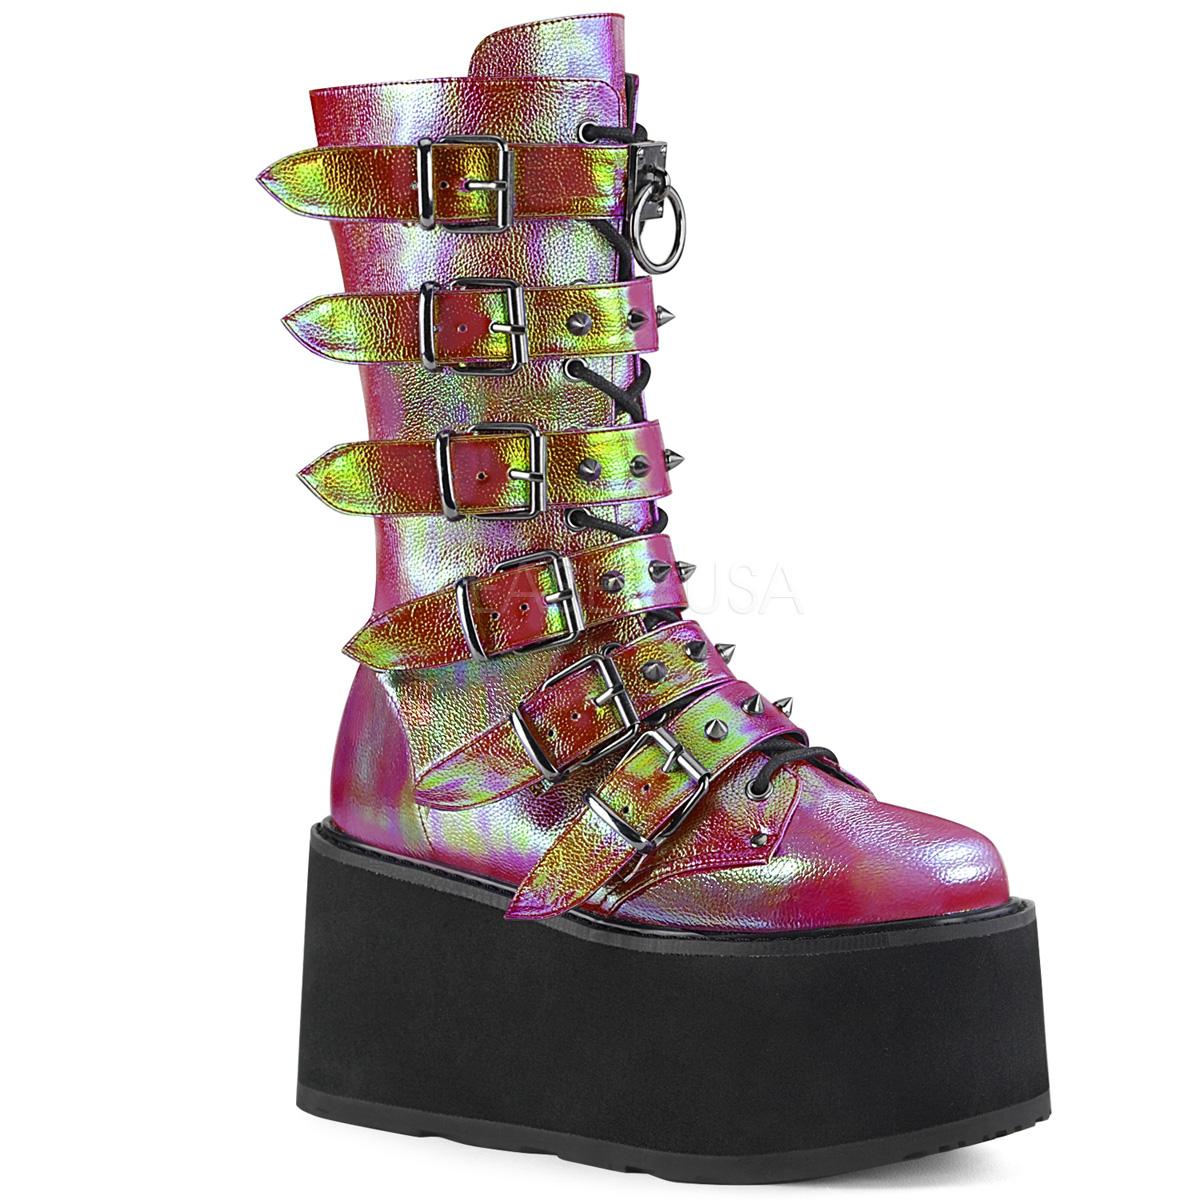 Köp Kuling Shoes, Gummistövlar, Regnbåge, Cerise Lekmer.se